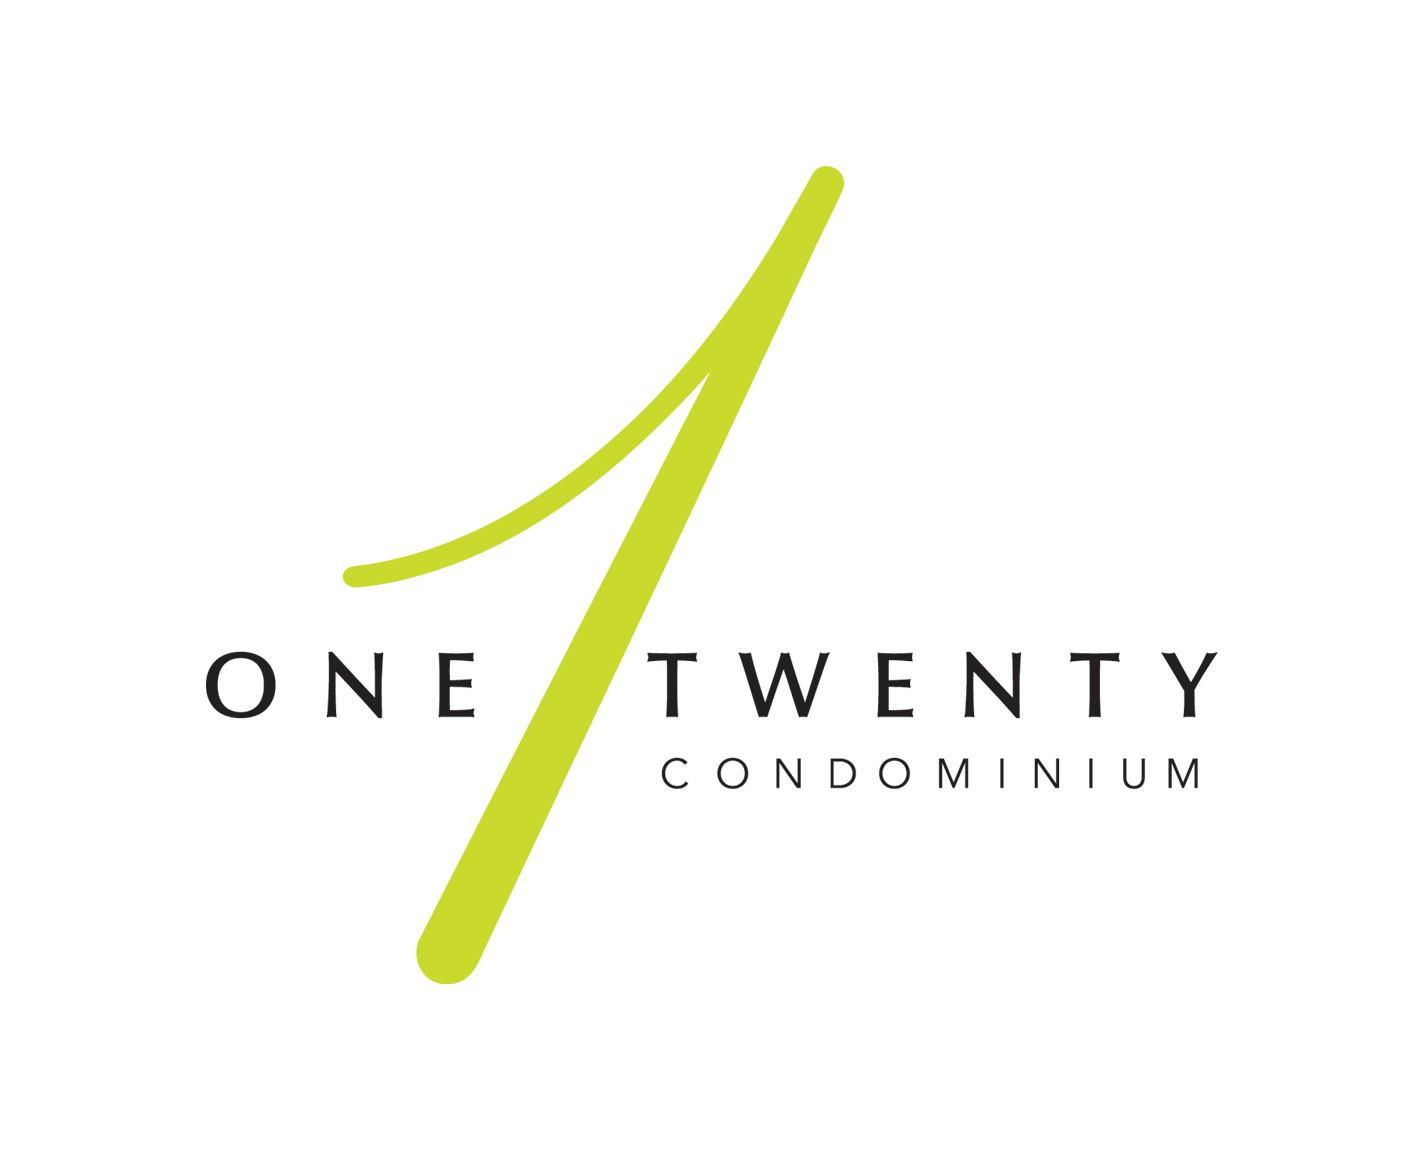 One Twenty Condominium